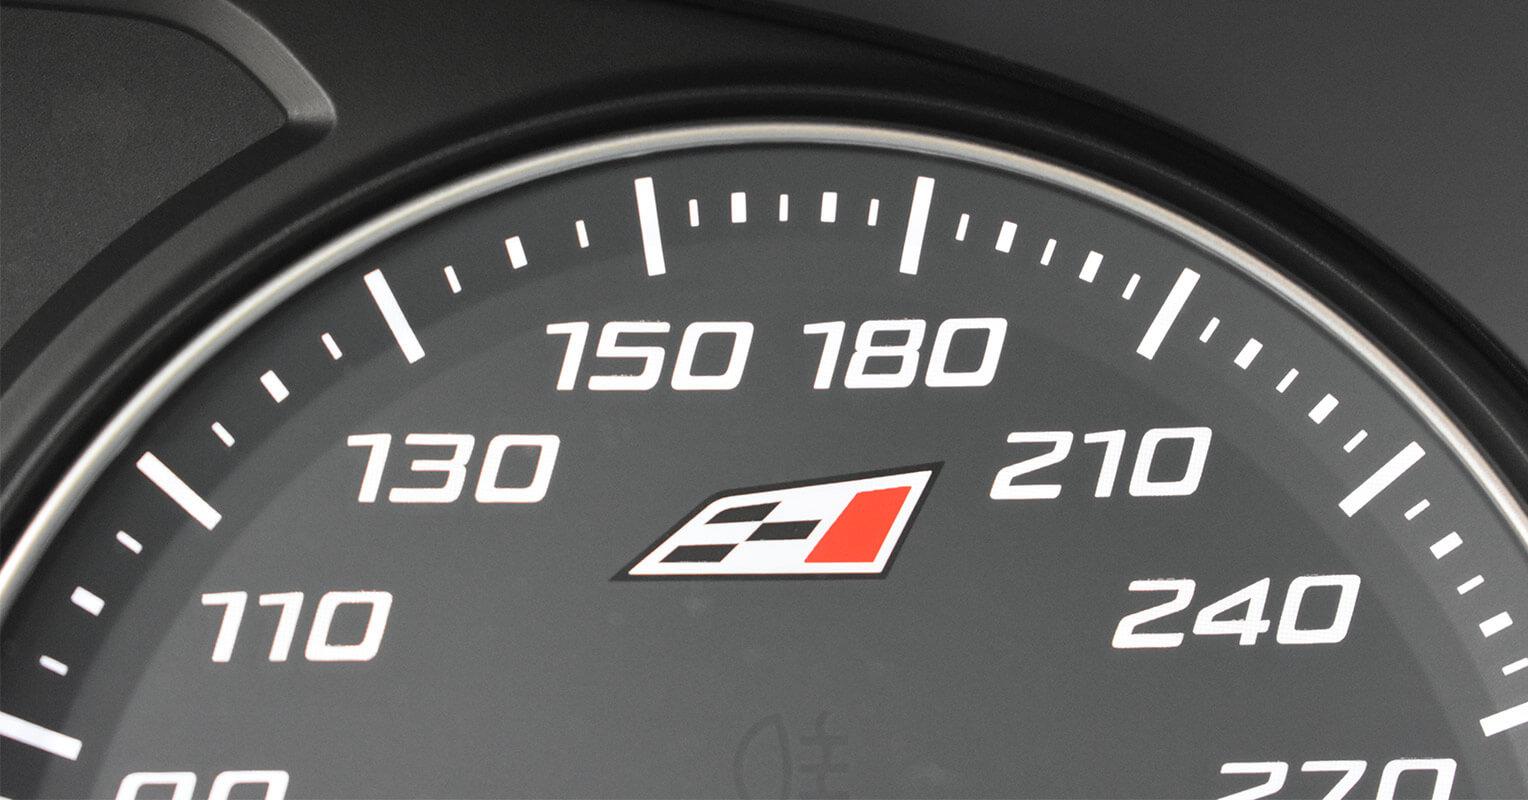 Instrumentación del SEAT León ST Cupra 300